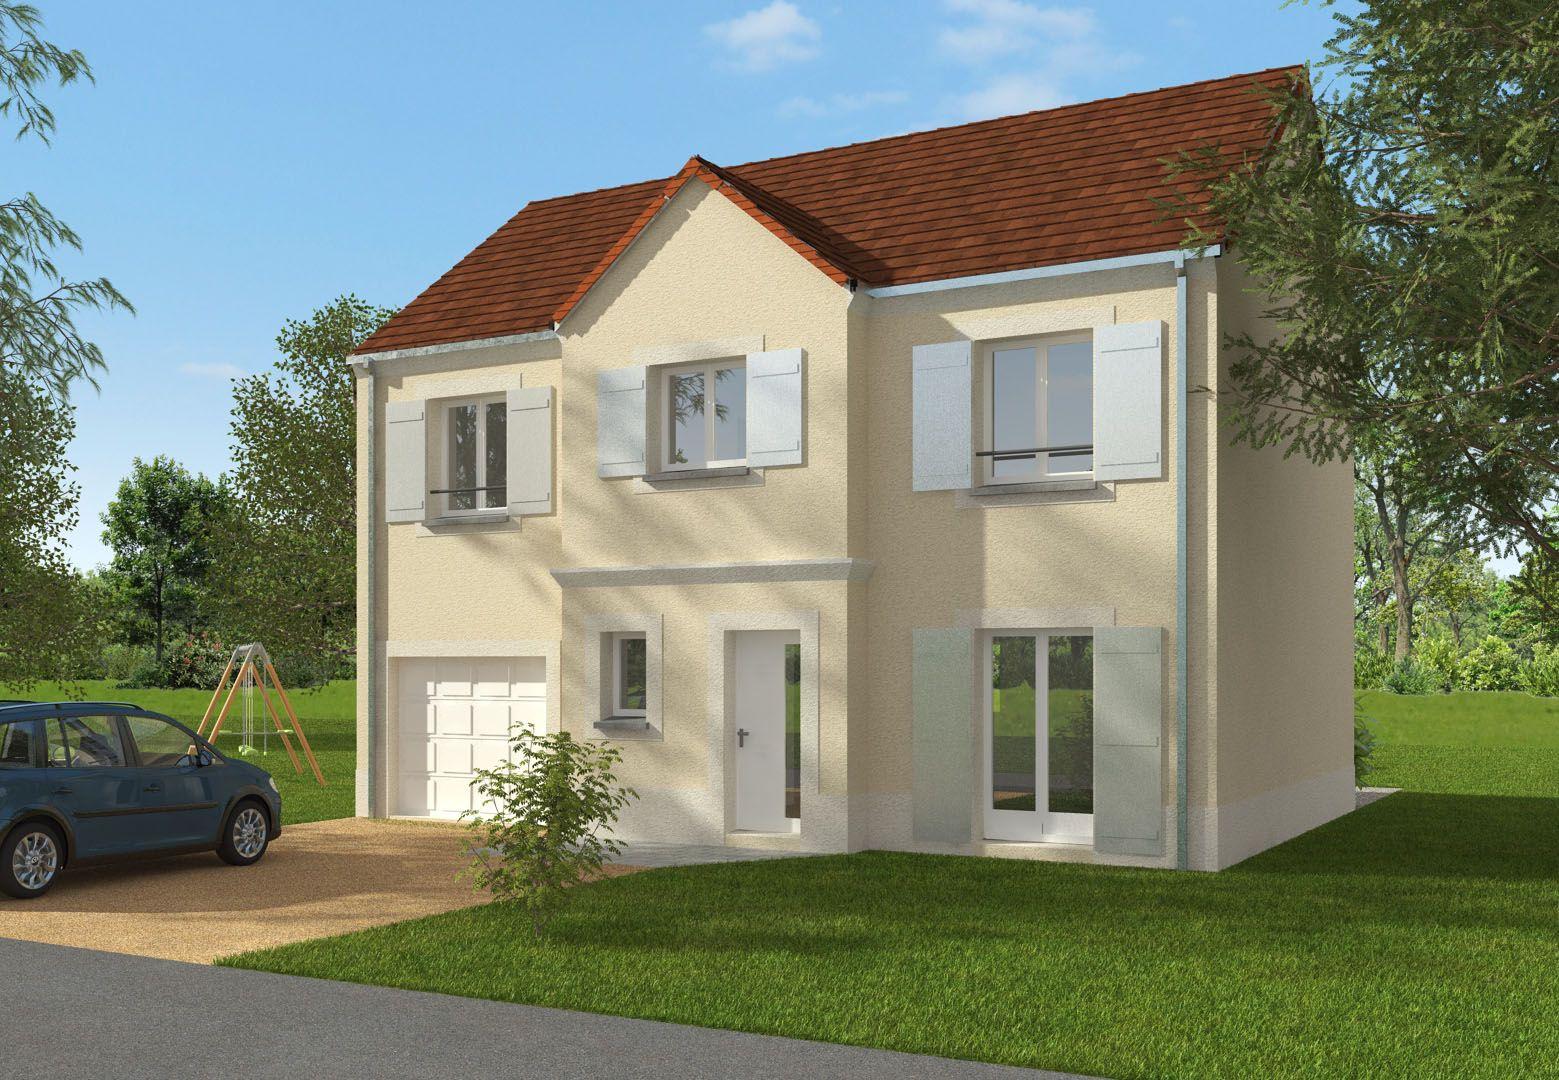 Maisons + Terrains du constructeur Les maisons Lelievre • 122 m² • BAZAINVILLE